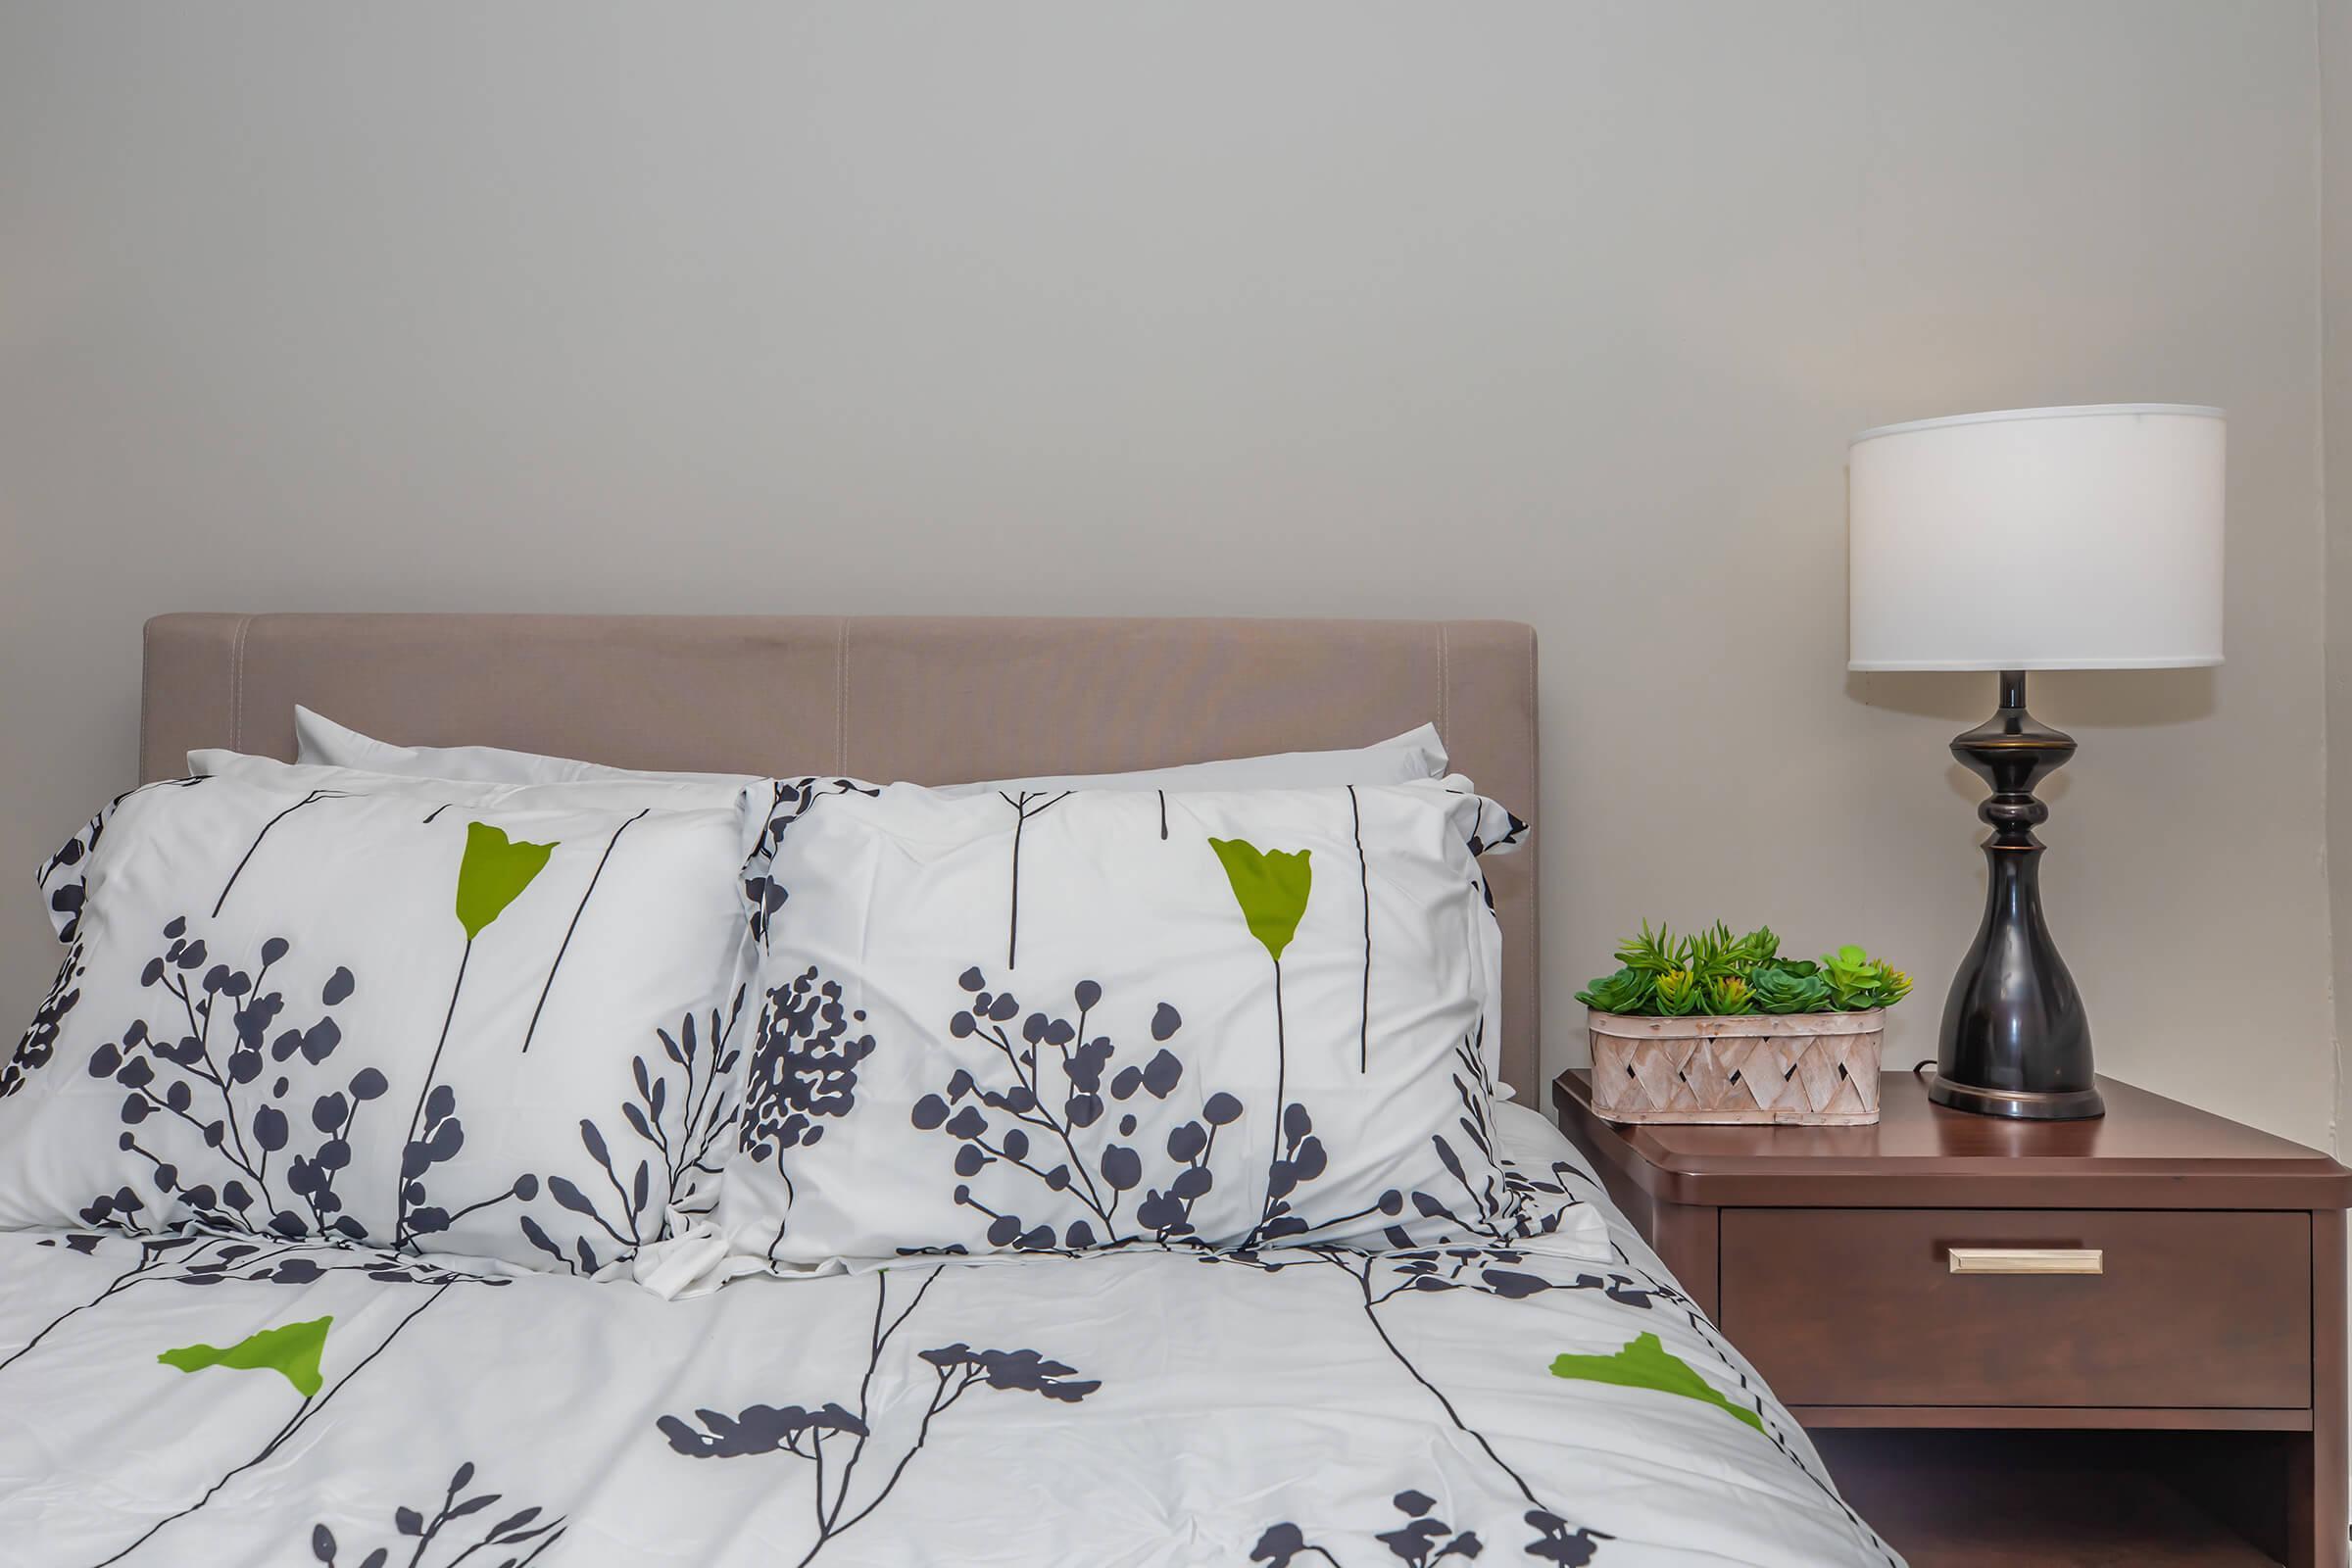 a close up of a bedroom